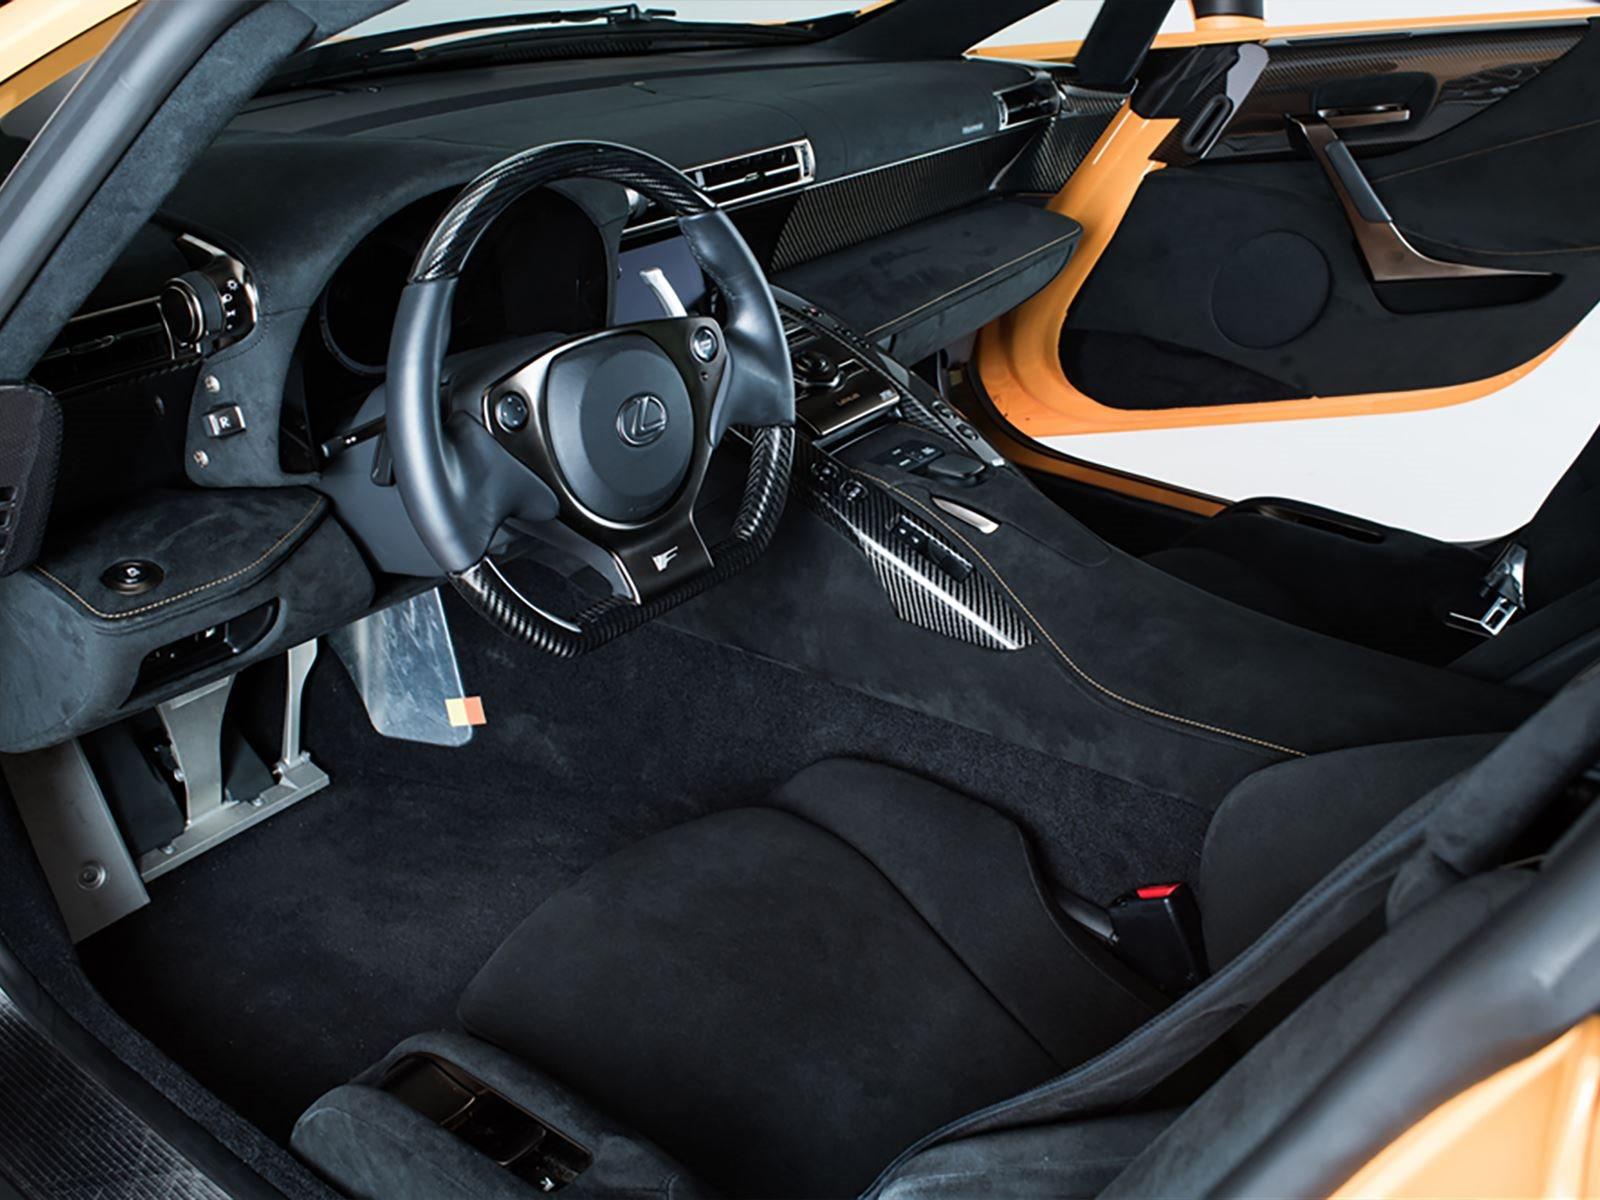 Этот экземпляр, выставленный на продажу, имеет пробег 4100 км и управлялся только дилерским персоналом. В то время как стандартный автомобиль вышел бы вам в 375 000 долларов, Nurburgring Edition стоит на  70 000 долларов дороже. LFA не выпускается с